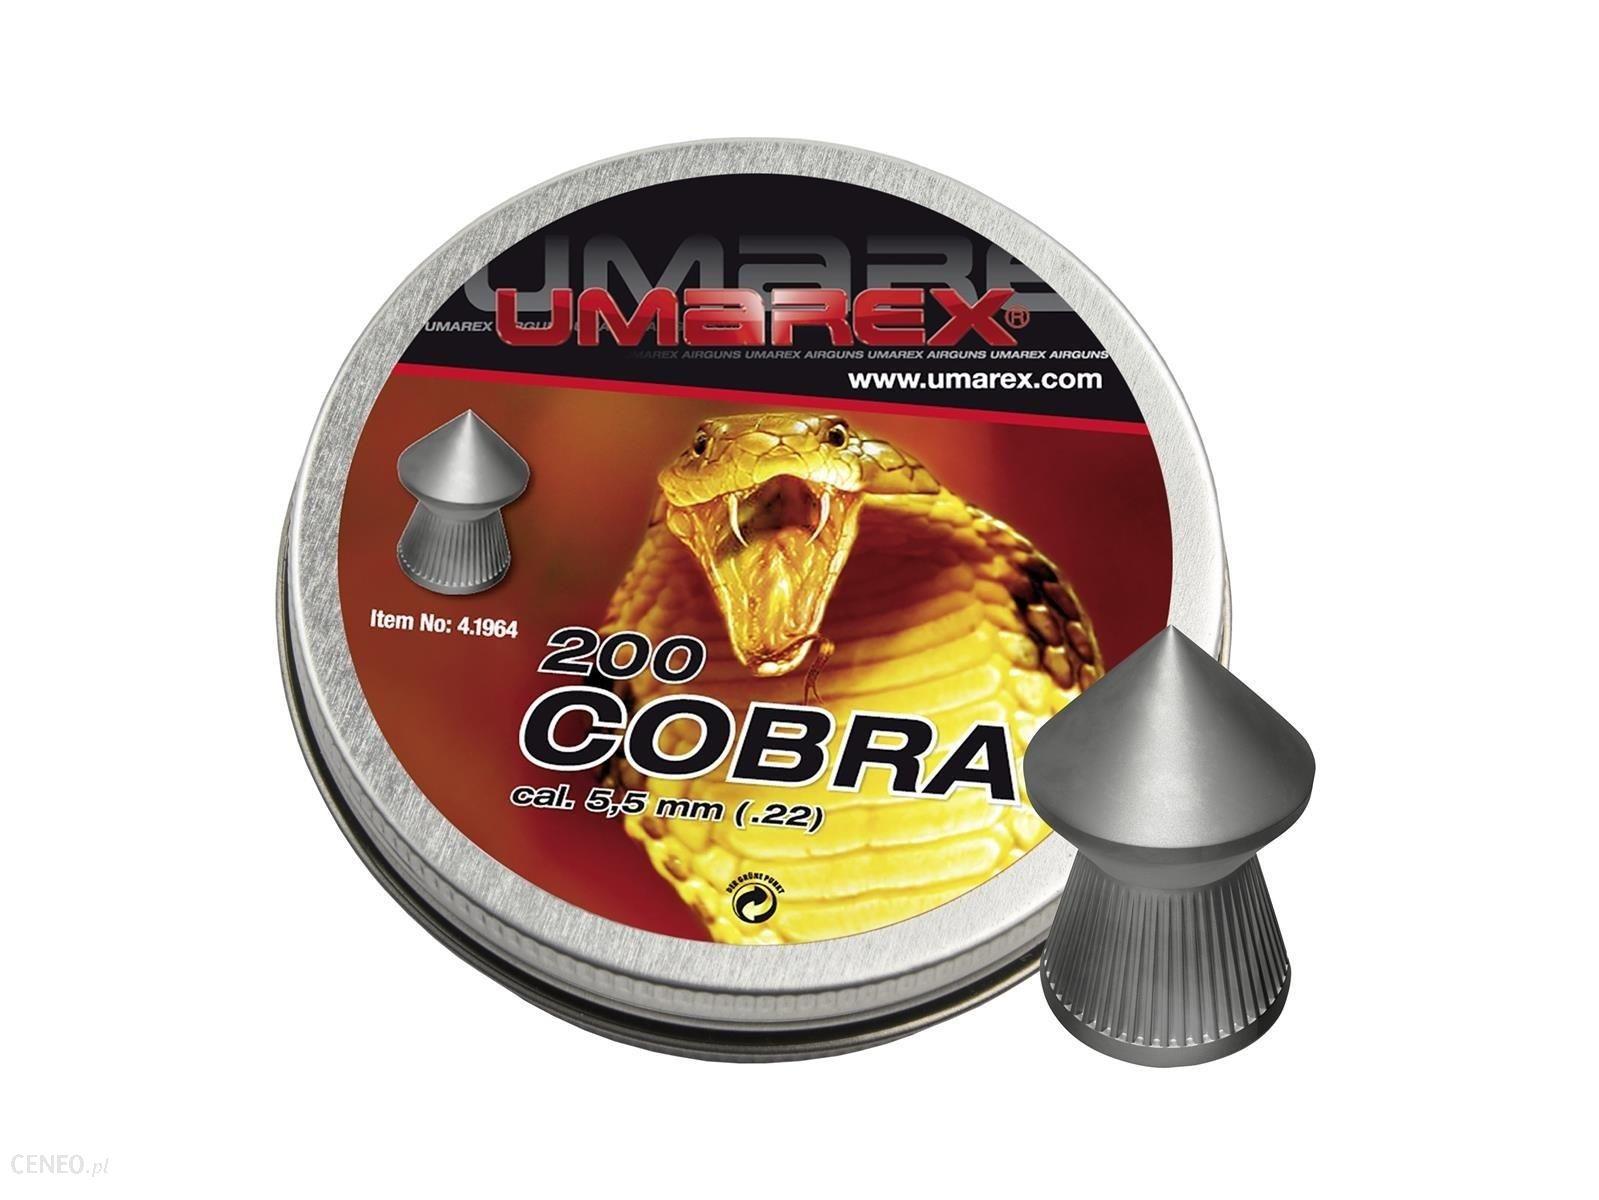 Umarex Śrut Diabolo Cobra Pointed Ribbed 5